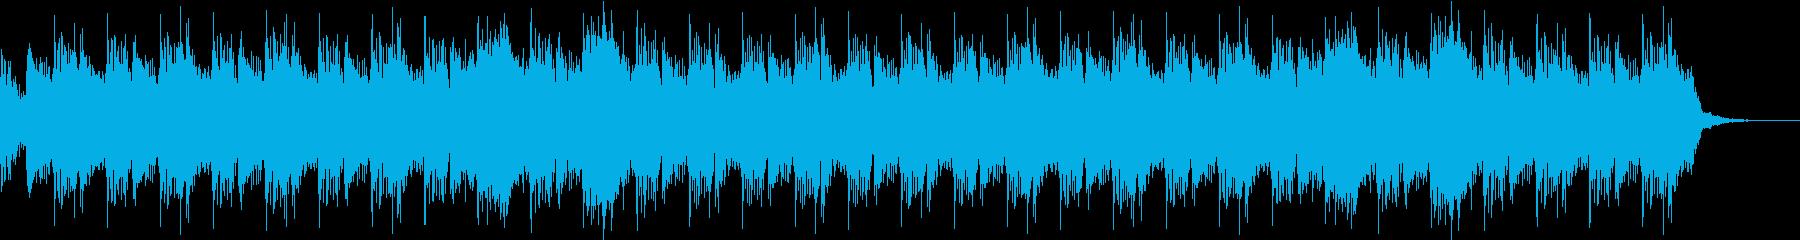 ホラー/SF映画風オーケストラBGMの再生済みの波形